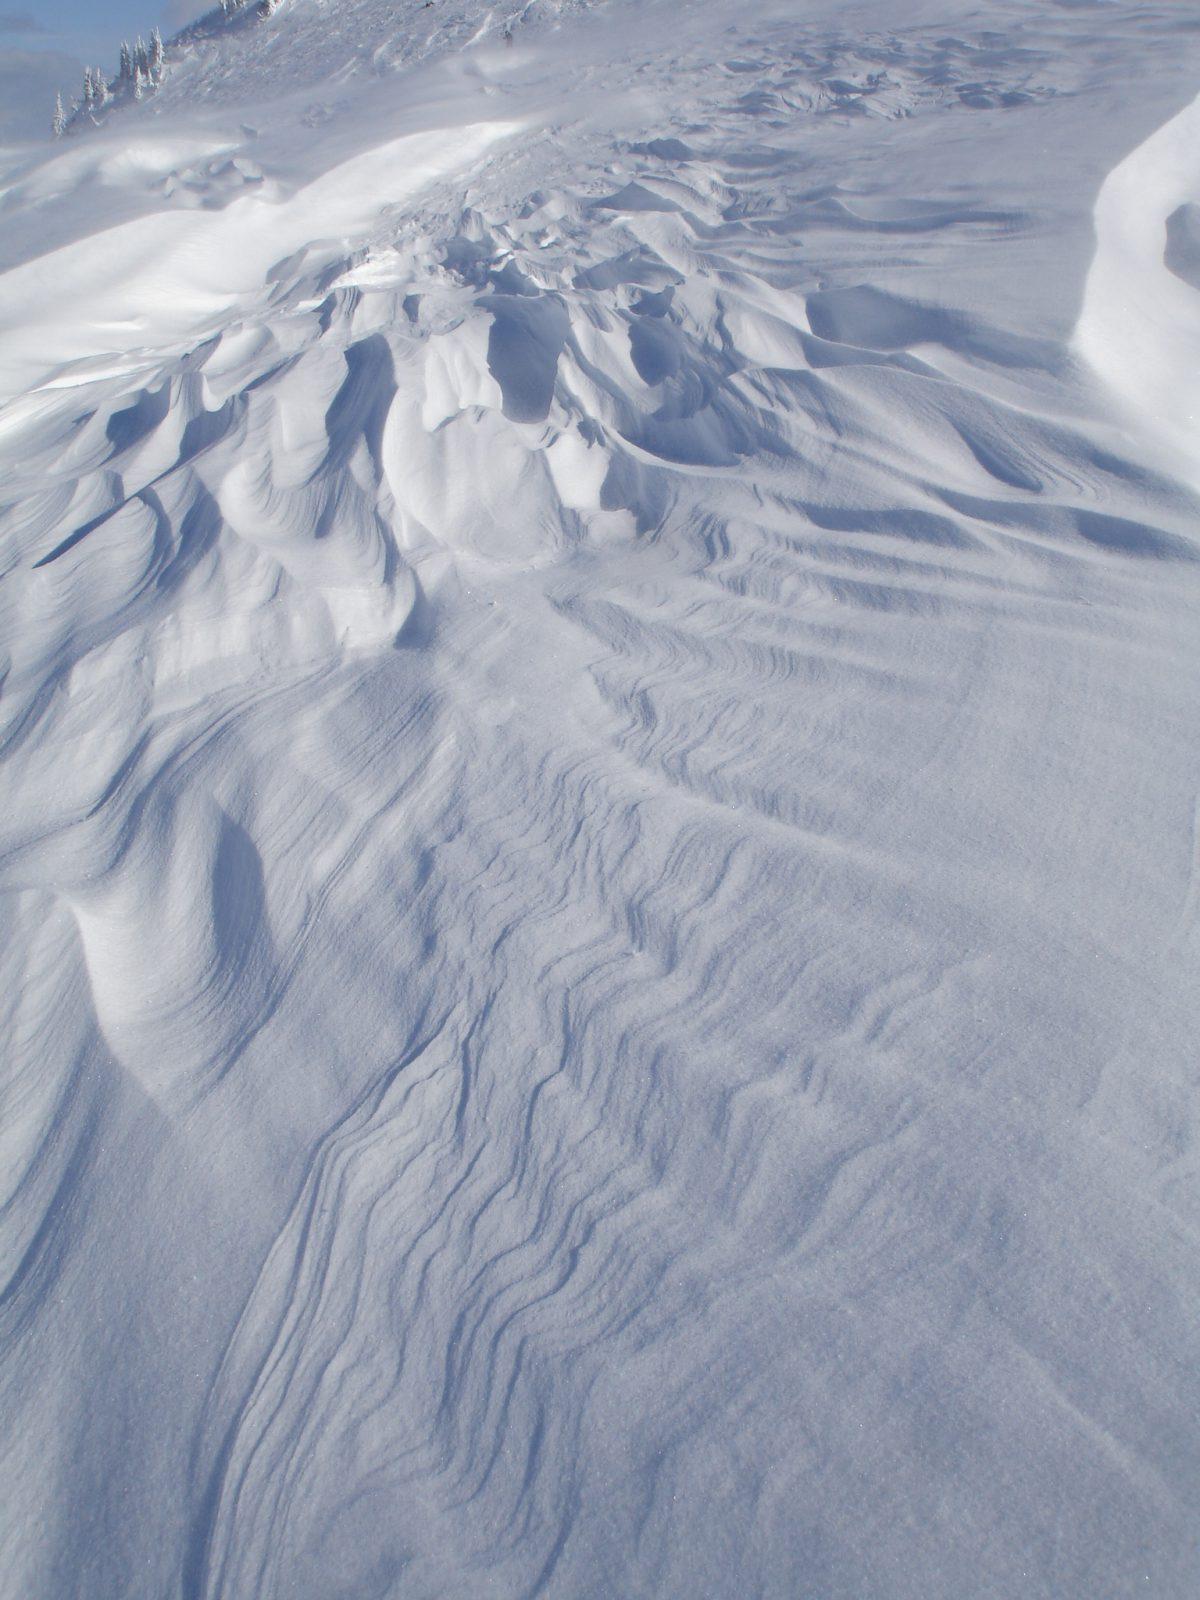 snow, mountain, texture